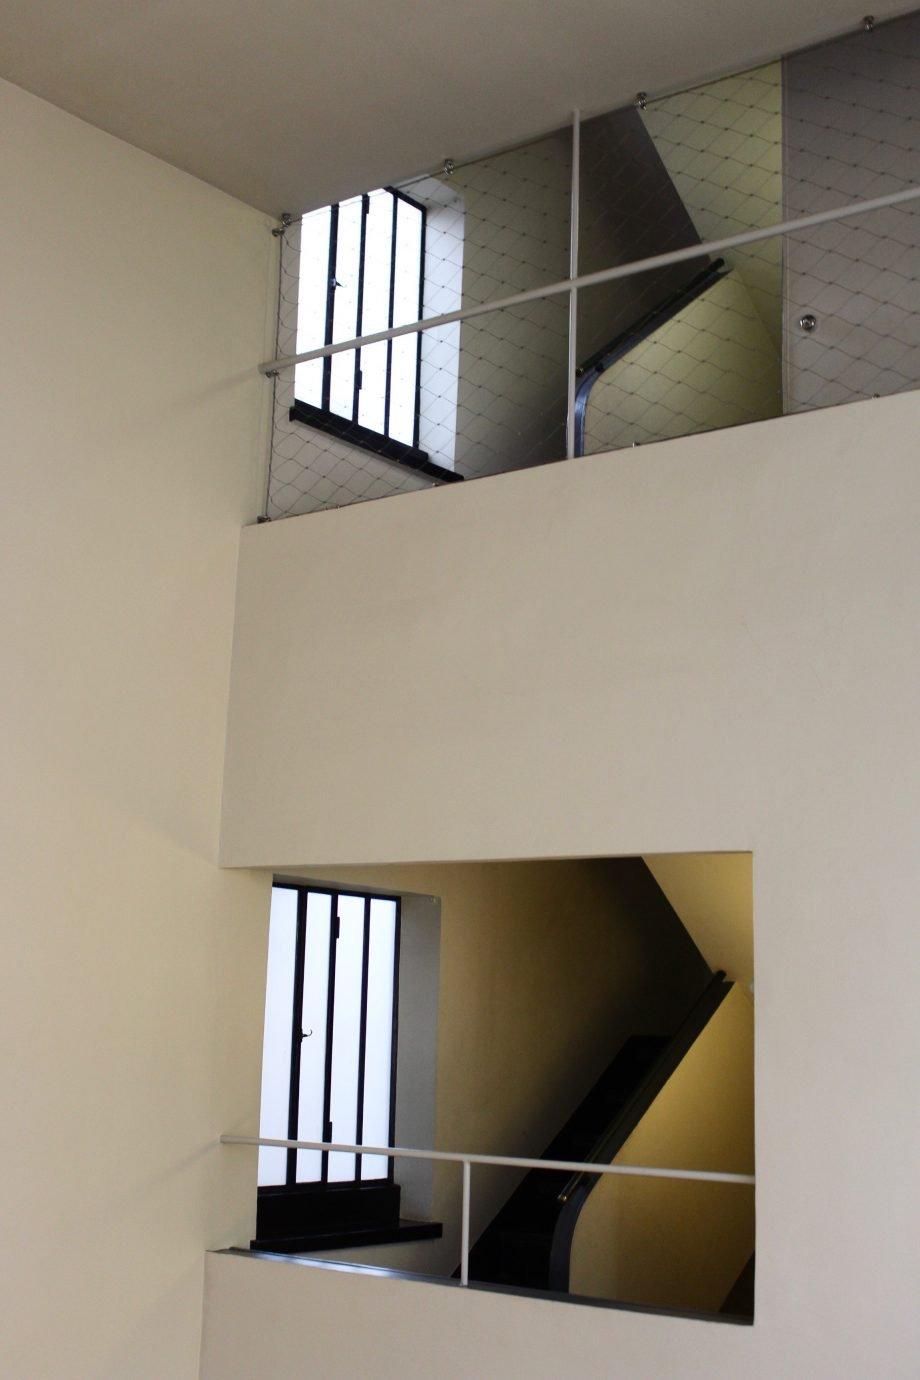 Fondation Le Corbusier |15.02.2019